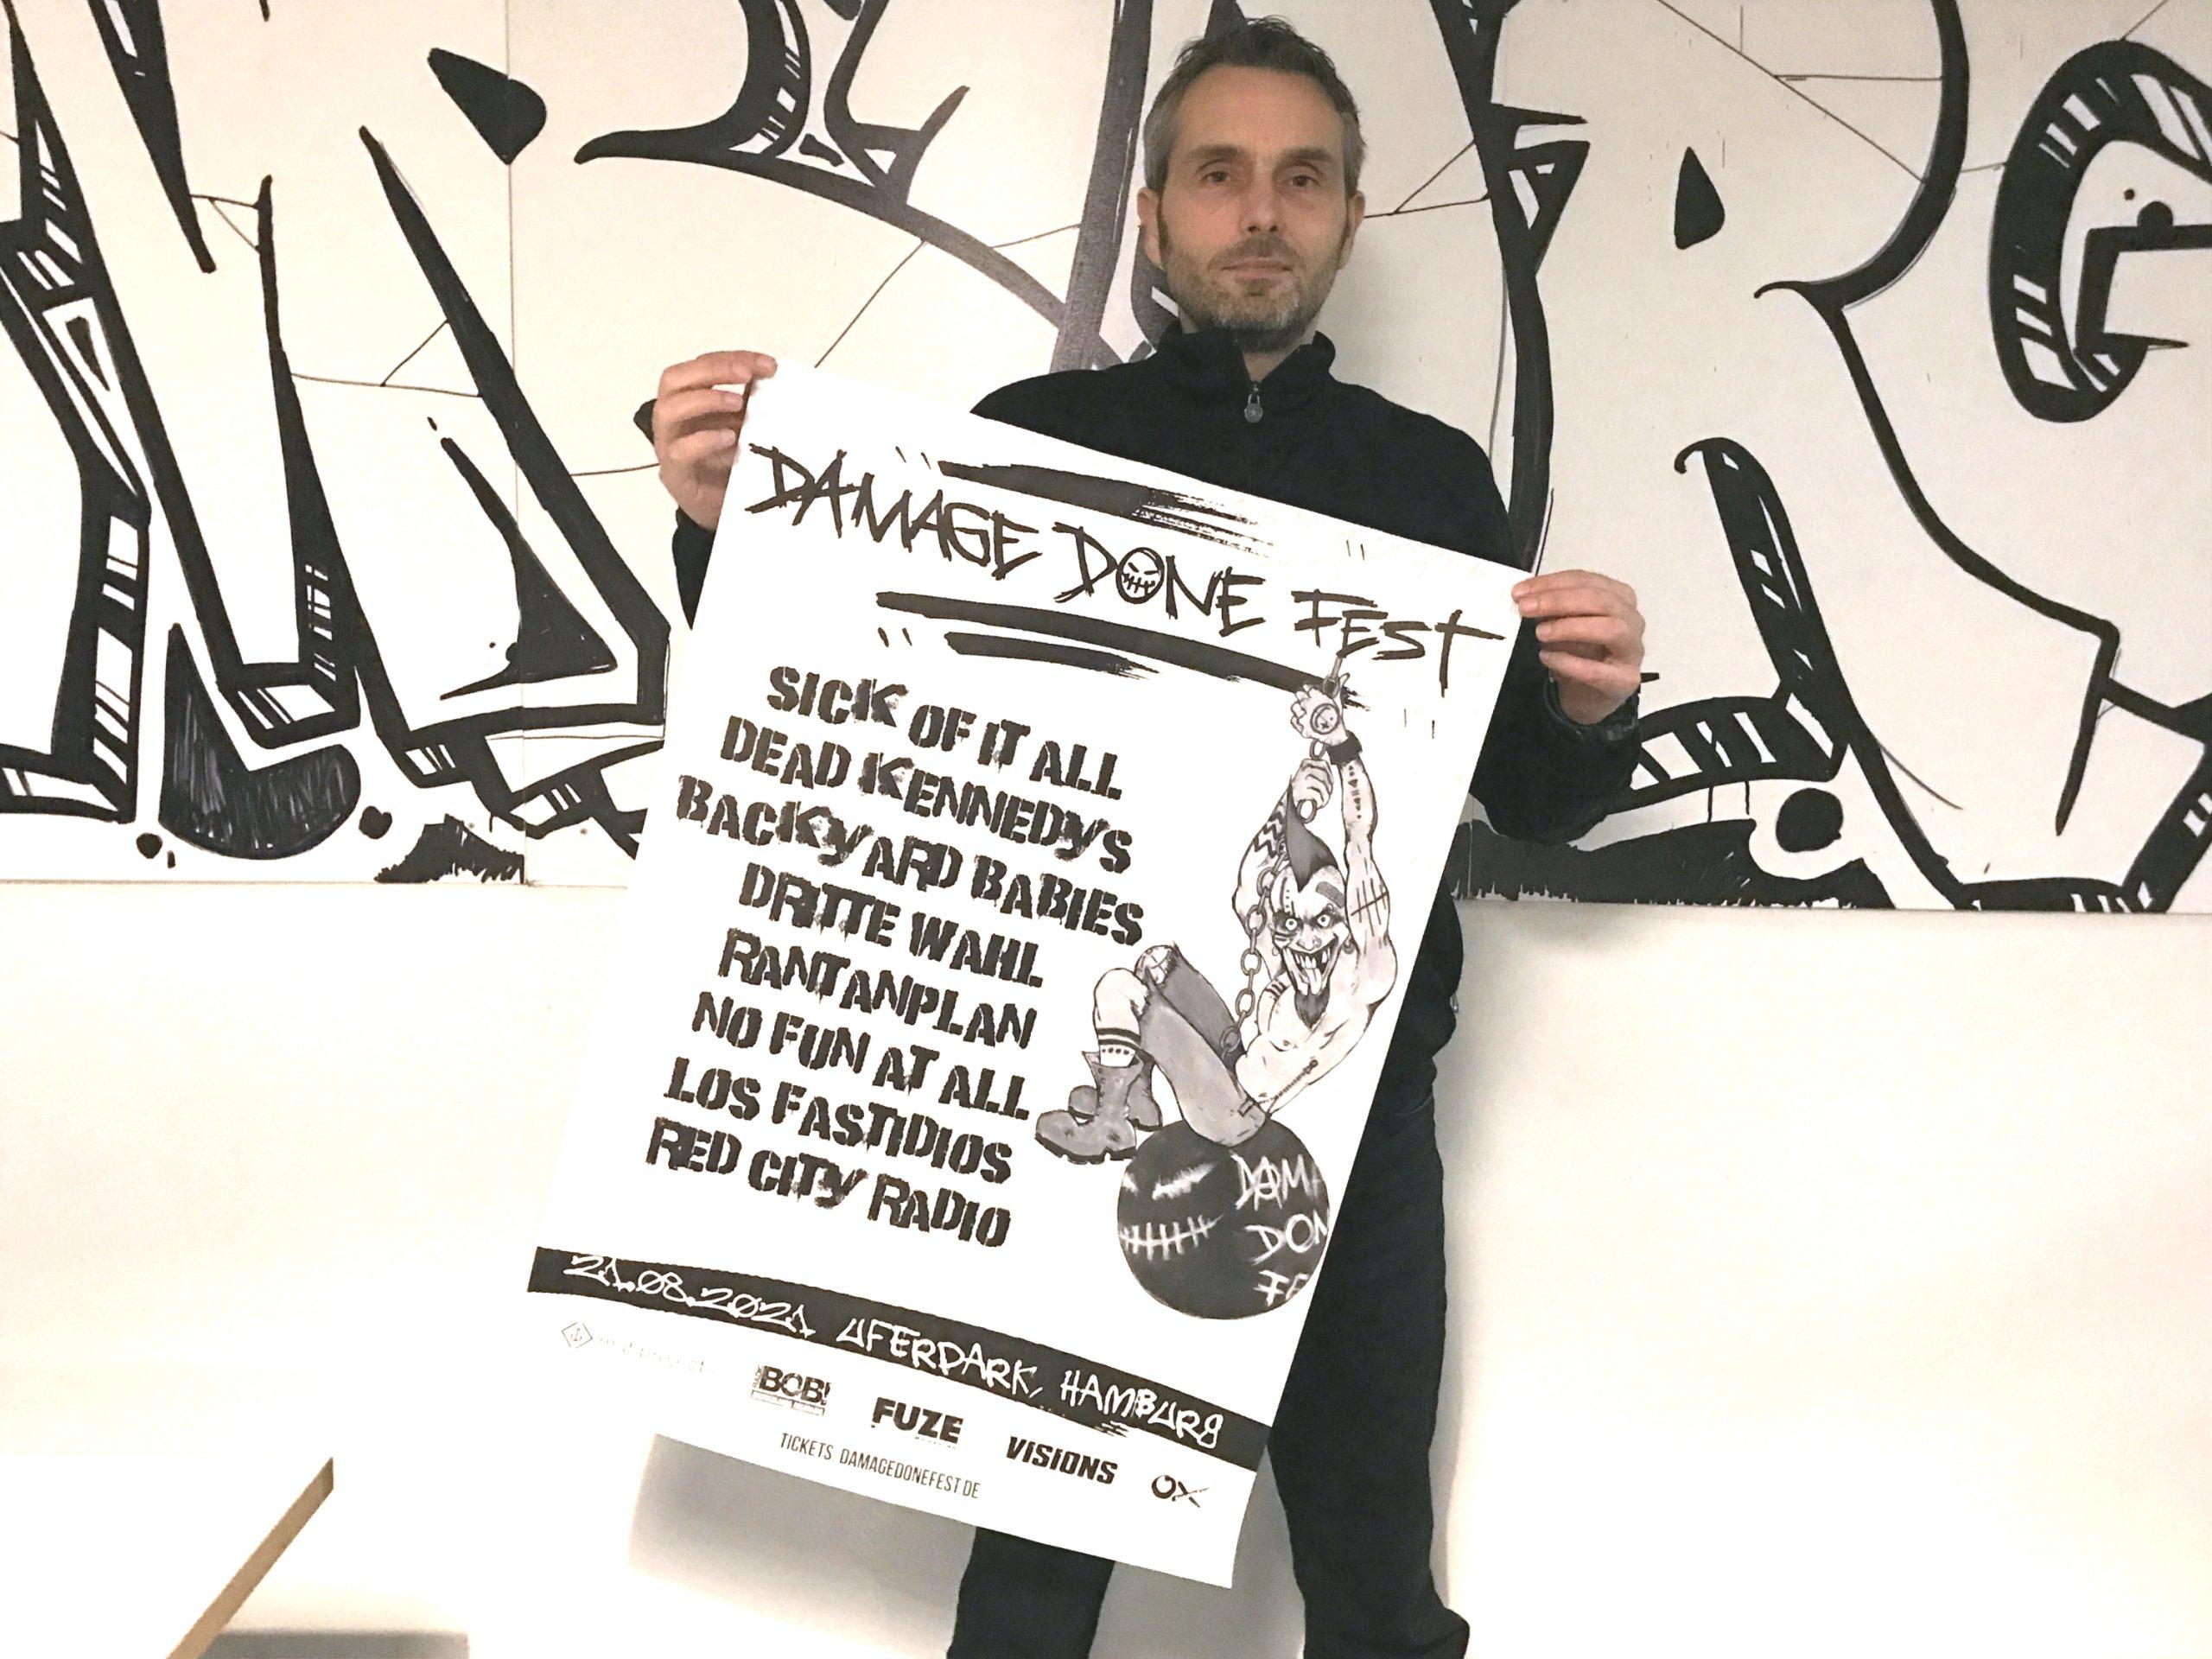 Jean-Pierre Rullmann, Damage Done Fest